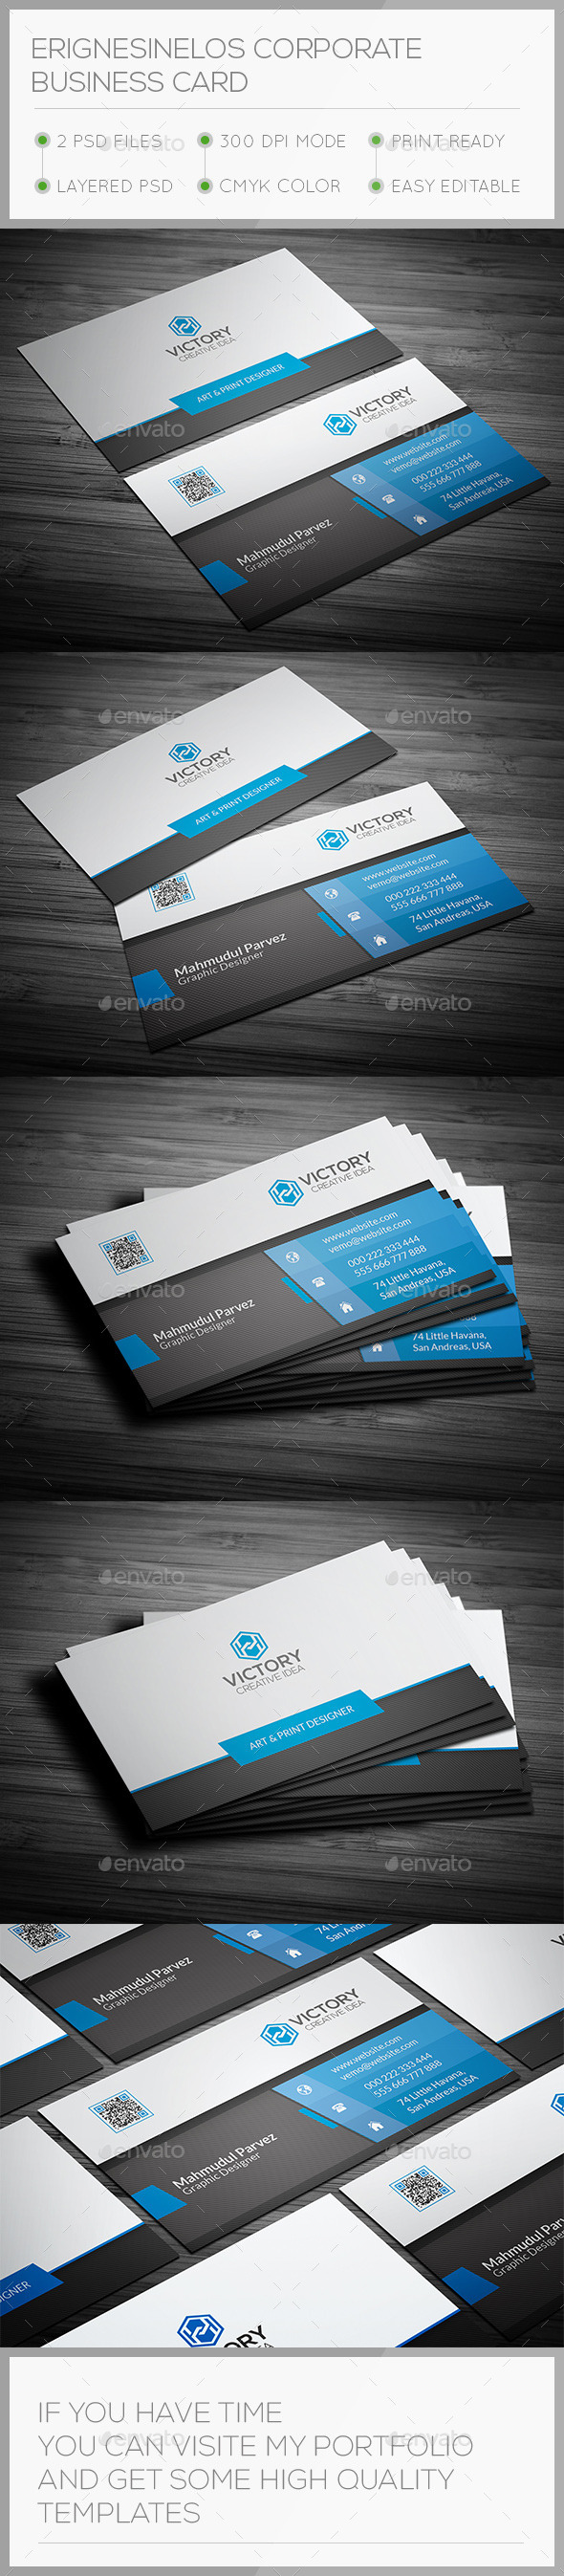 Erignesinelos Corporate Business Card - Corporate Business Cards